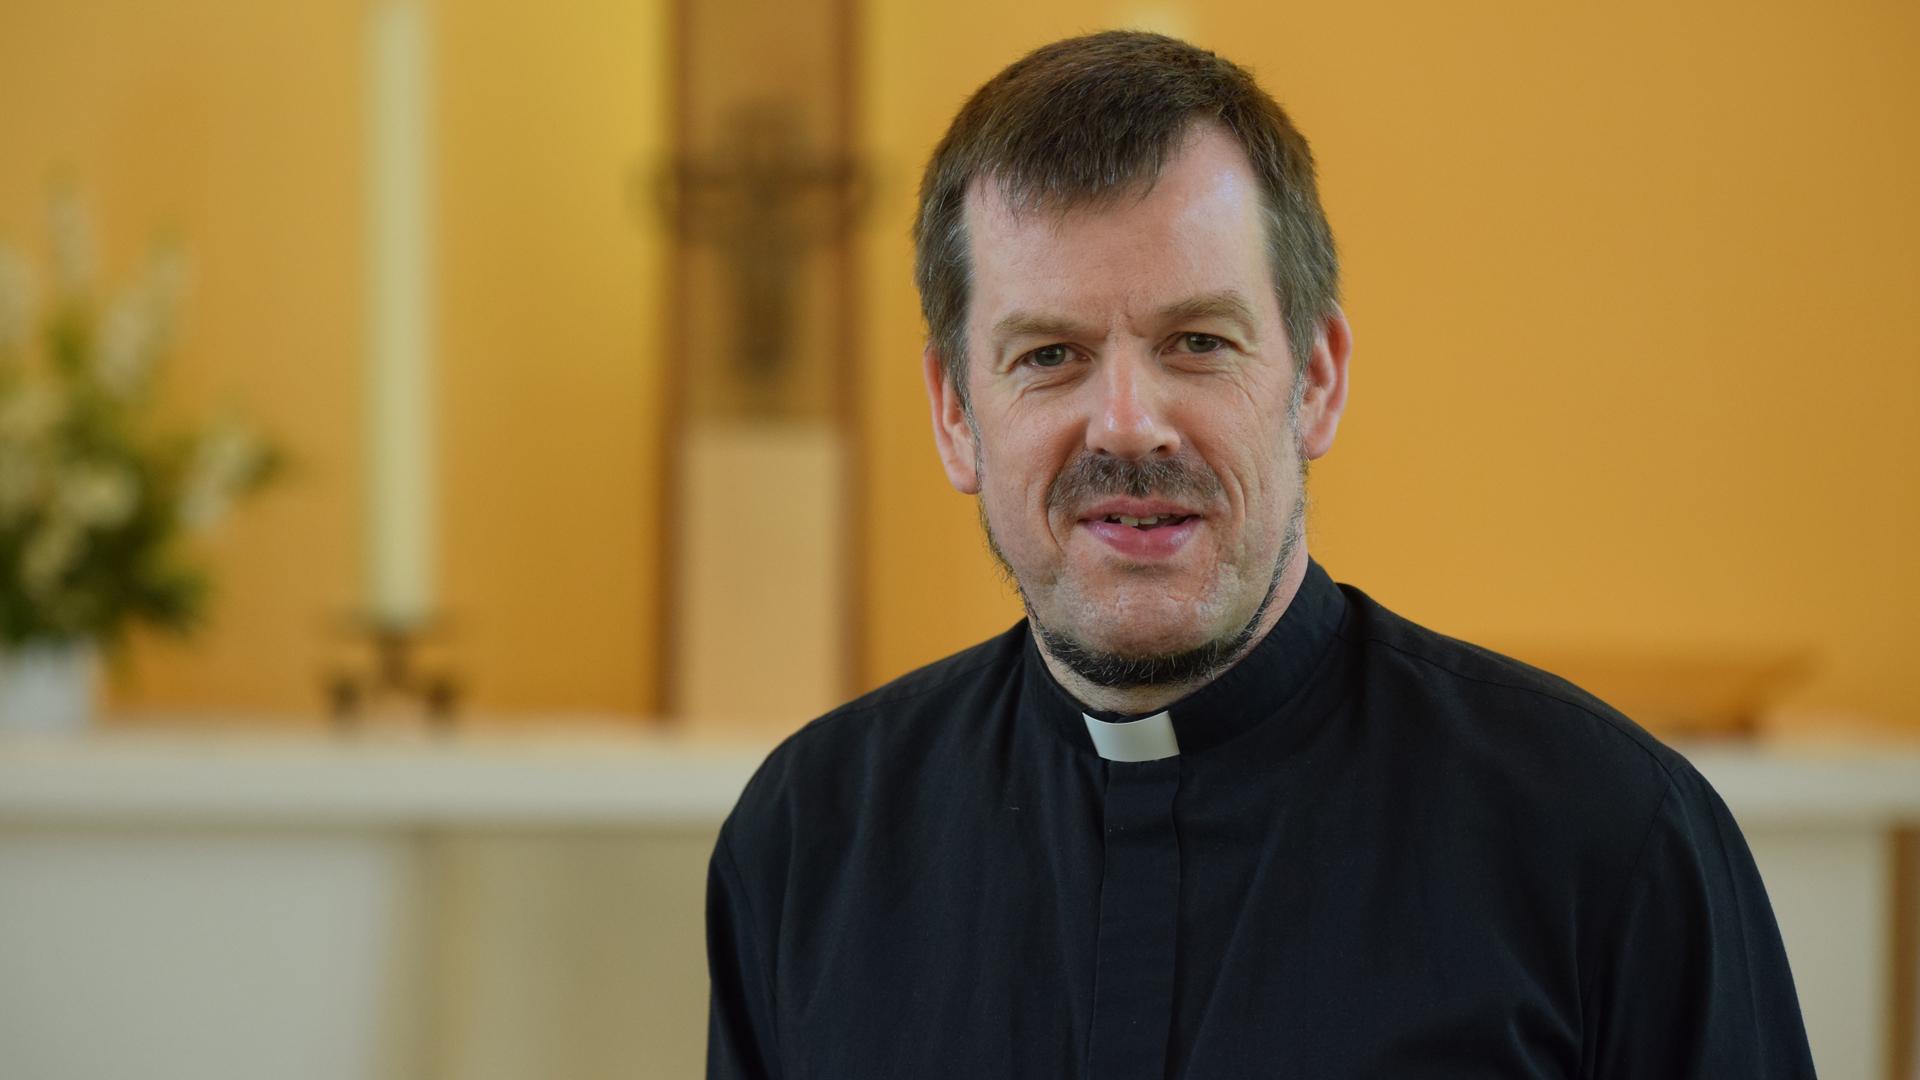 Pfarrer Gottfried Martens bietet christlichen Flüchtlingen Schutz in seiner Kirche in Berlin.